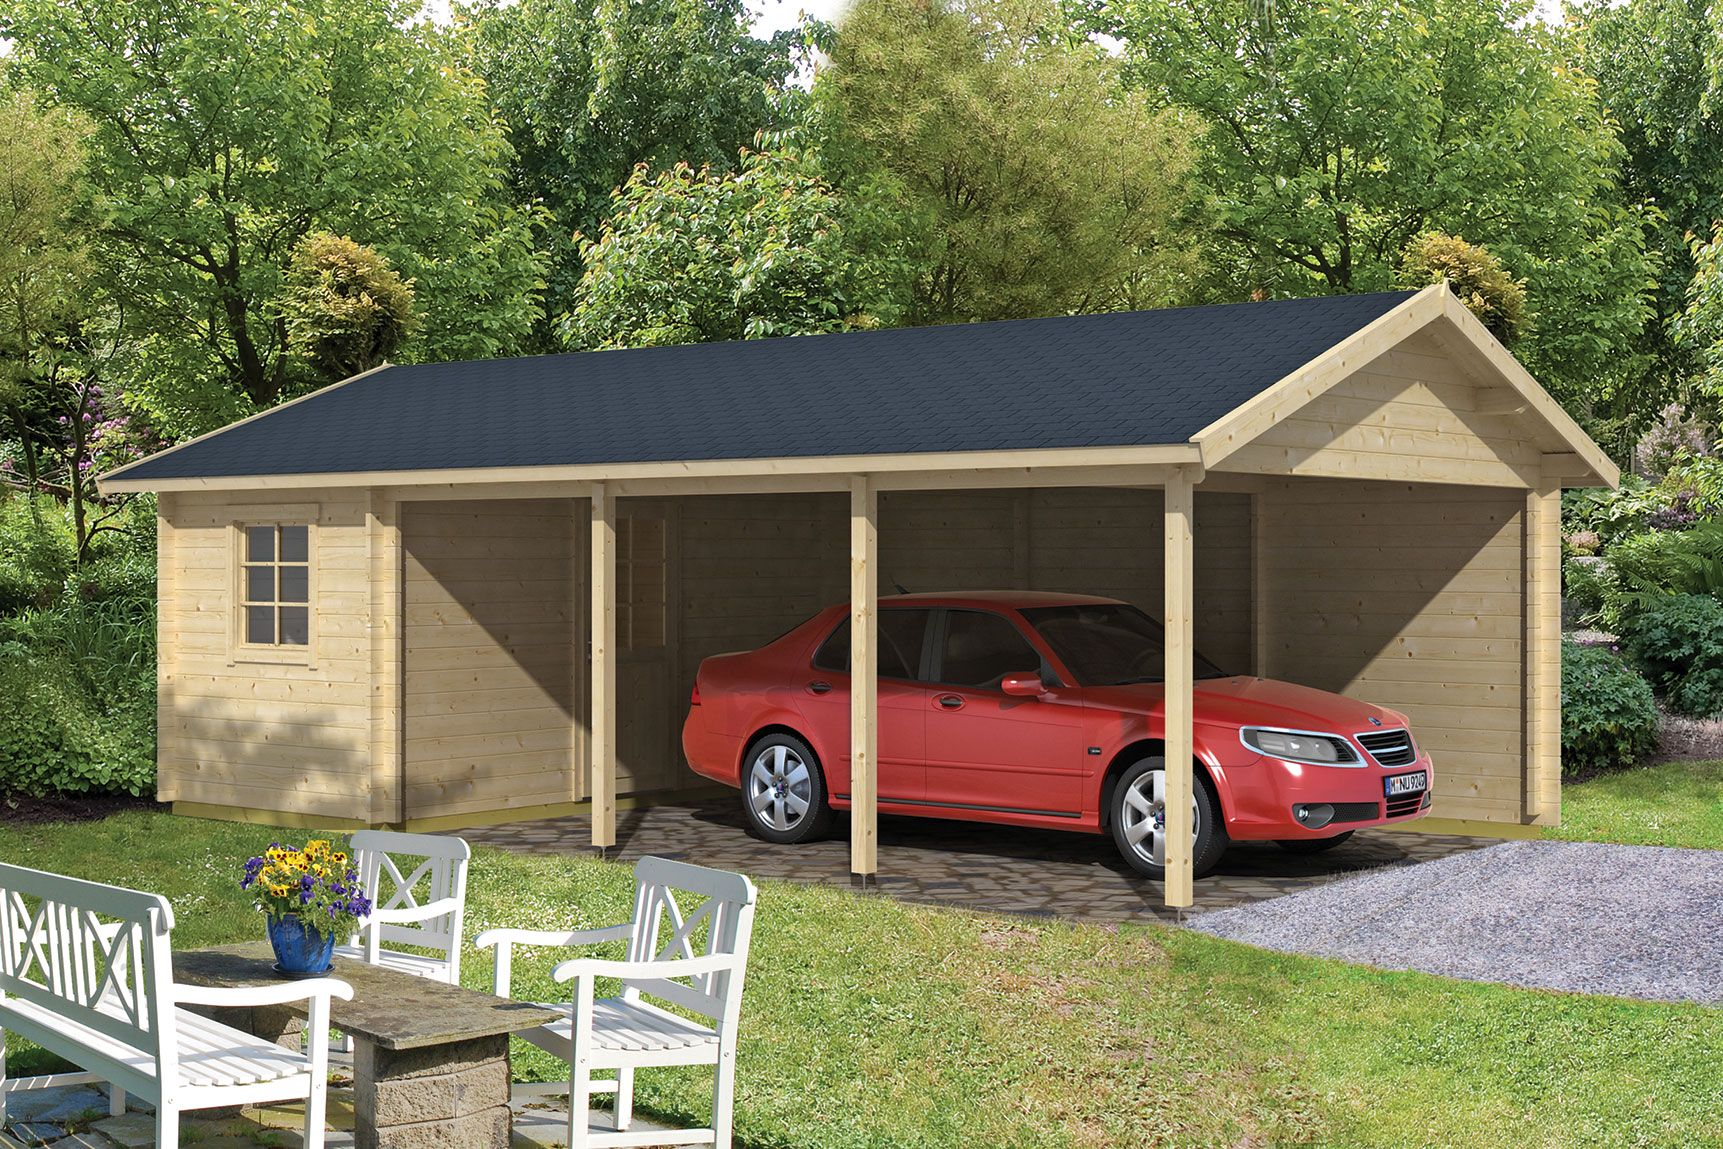 Houten Carport met schuur Enkhuizen 770 x 430 cm met blokhut